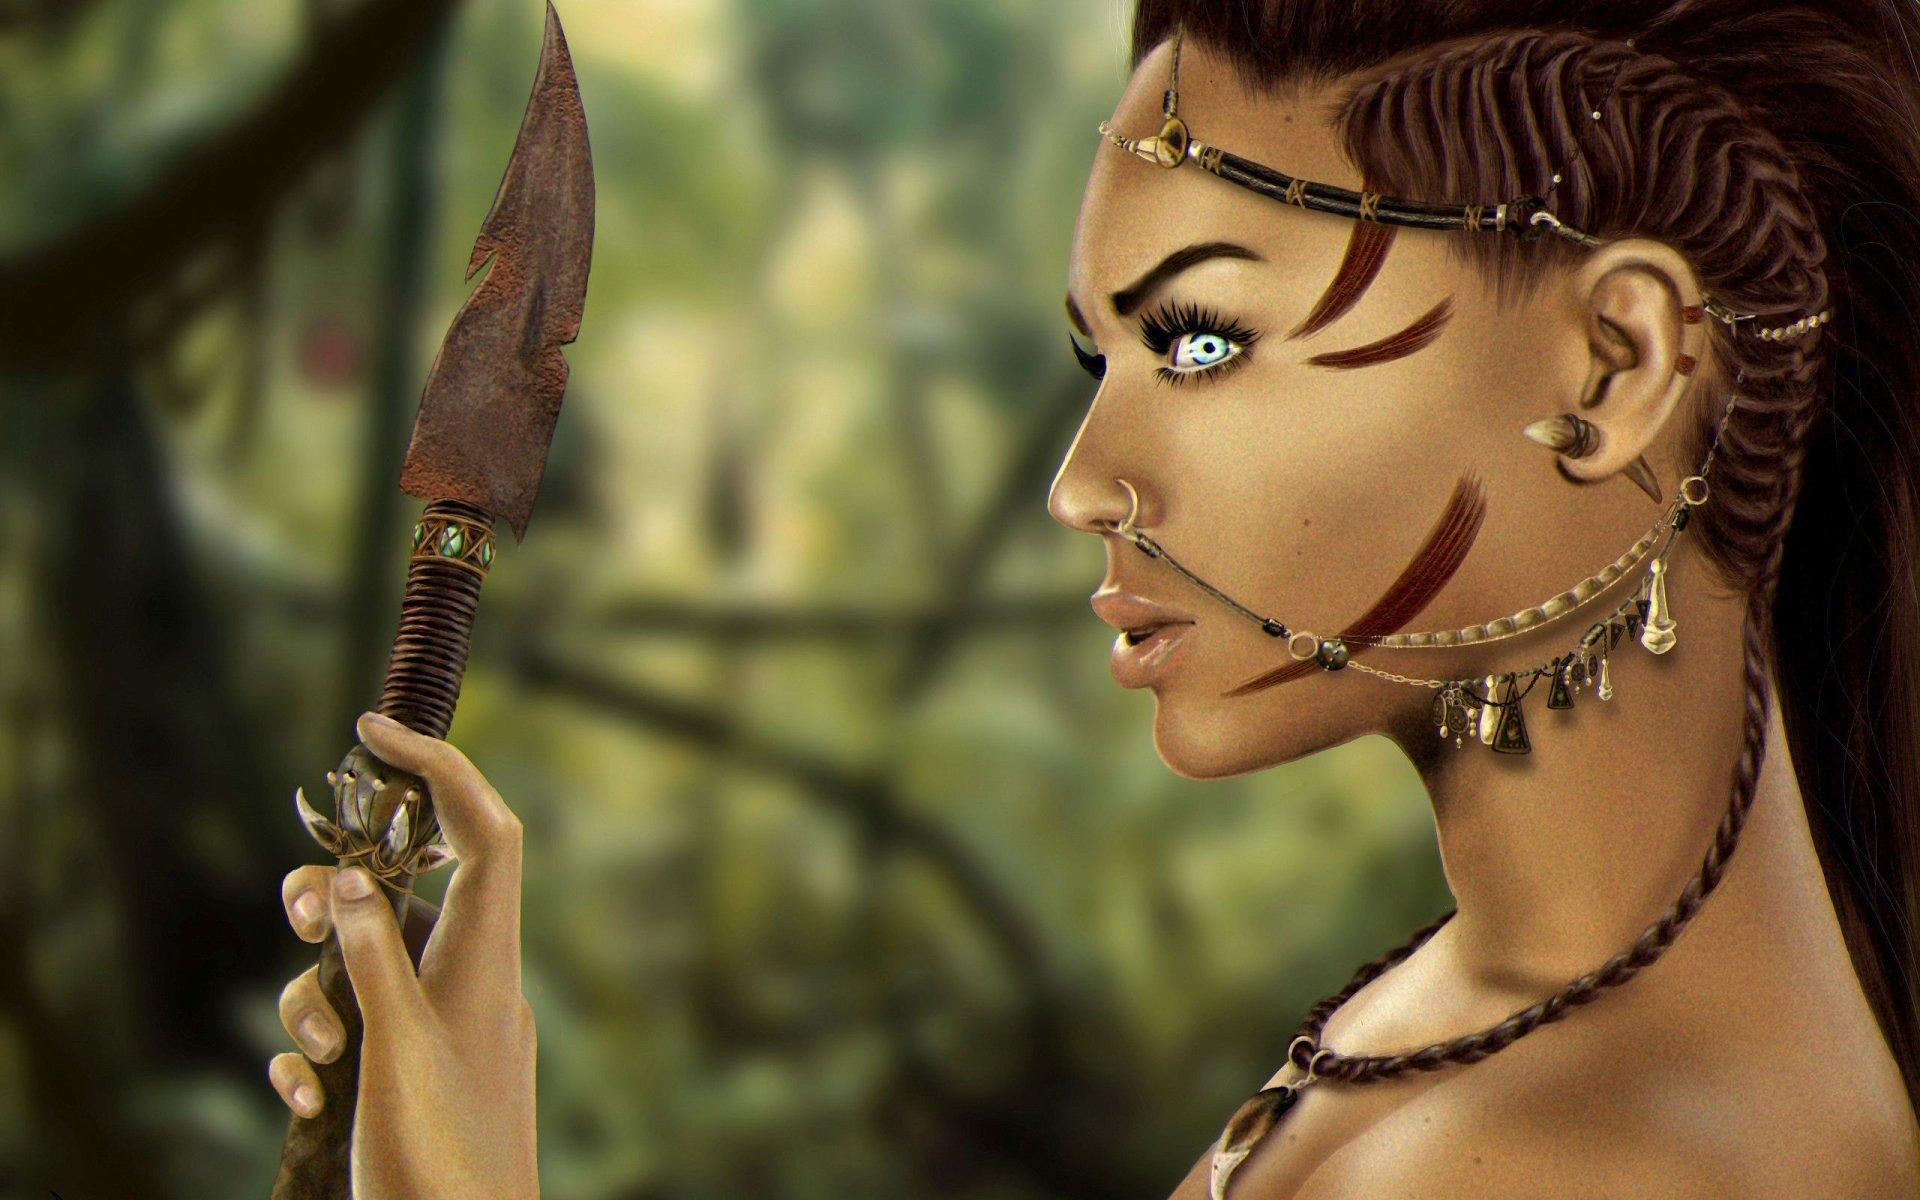 women warriors of the amazon Compra woman warrior spedizione gratuita su ordini idonei.